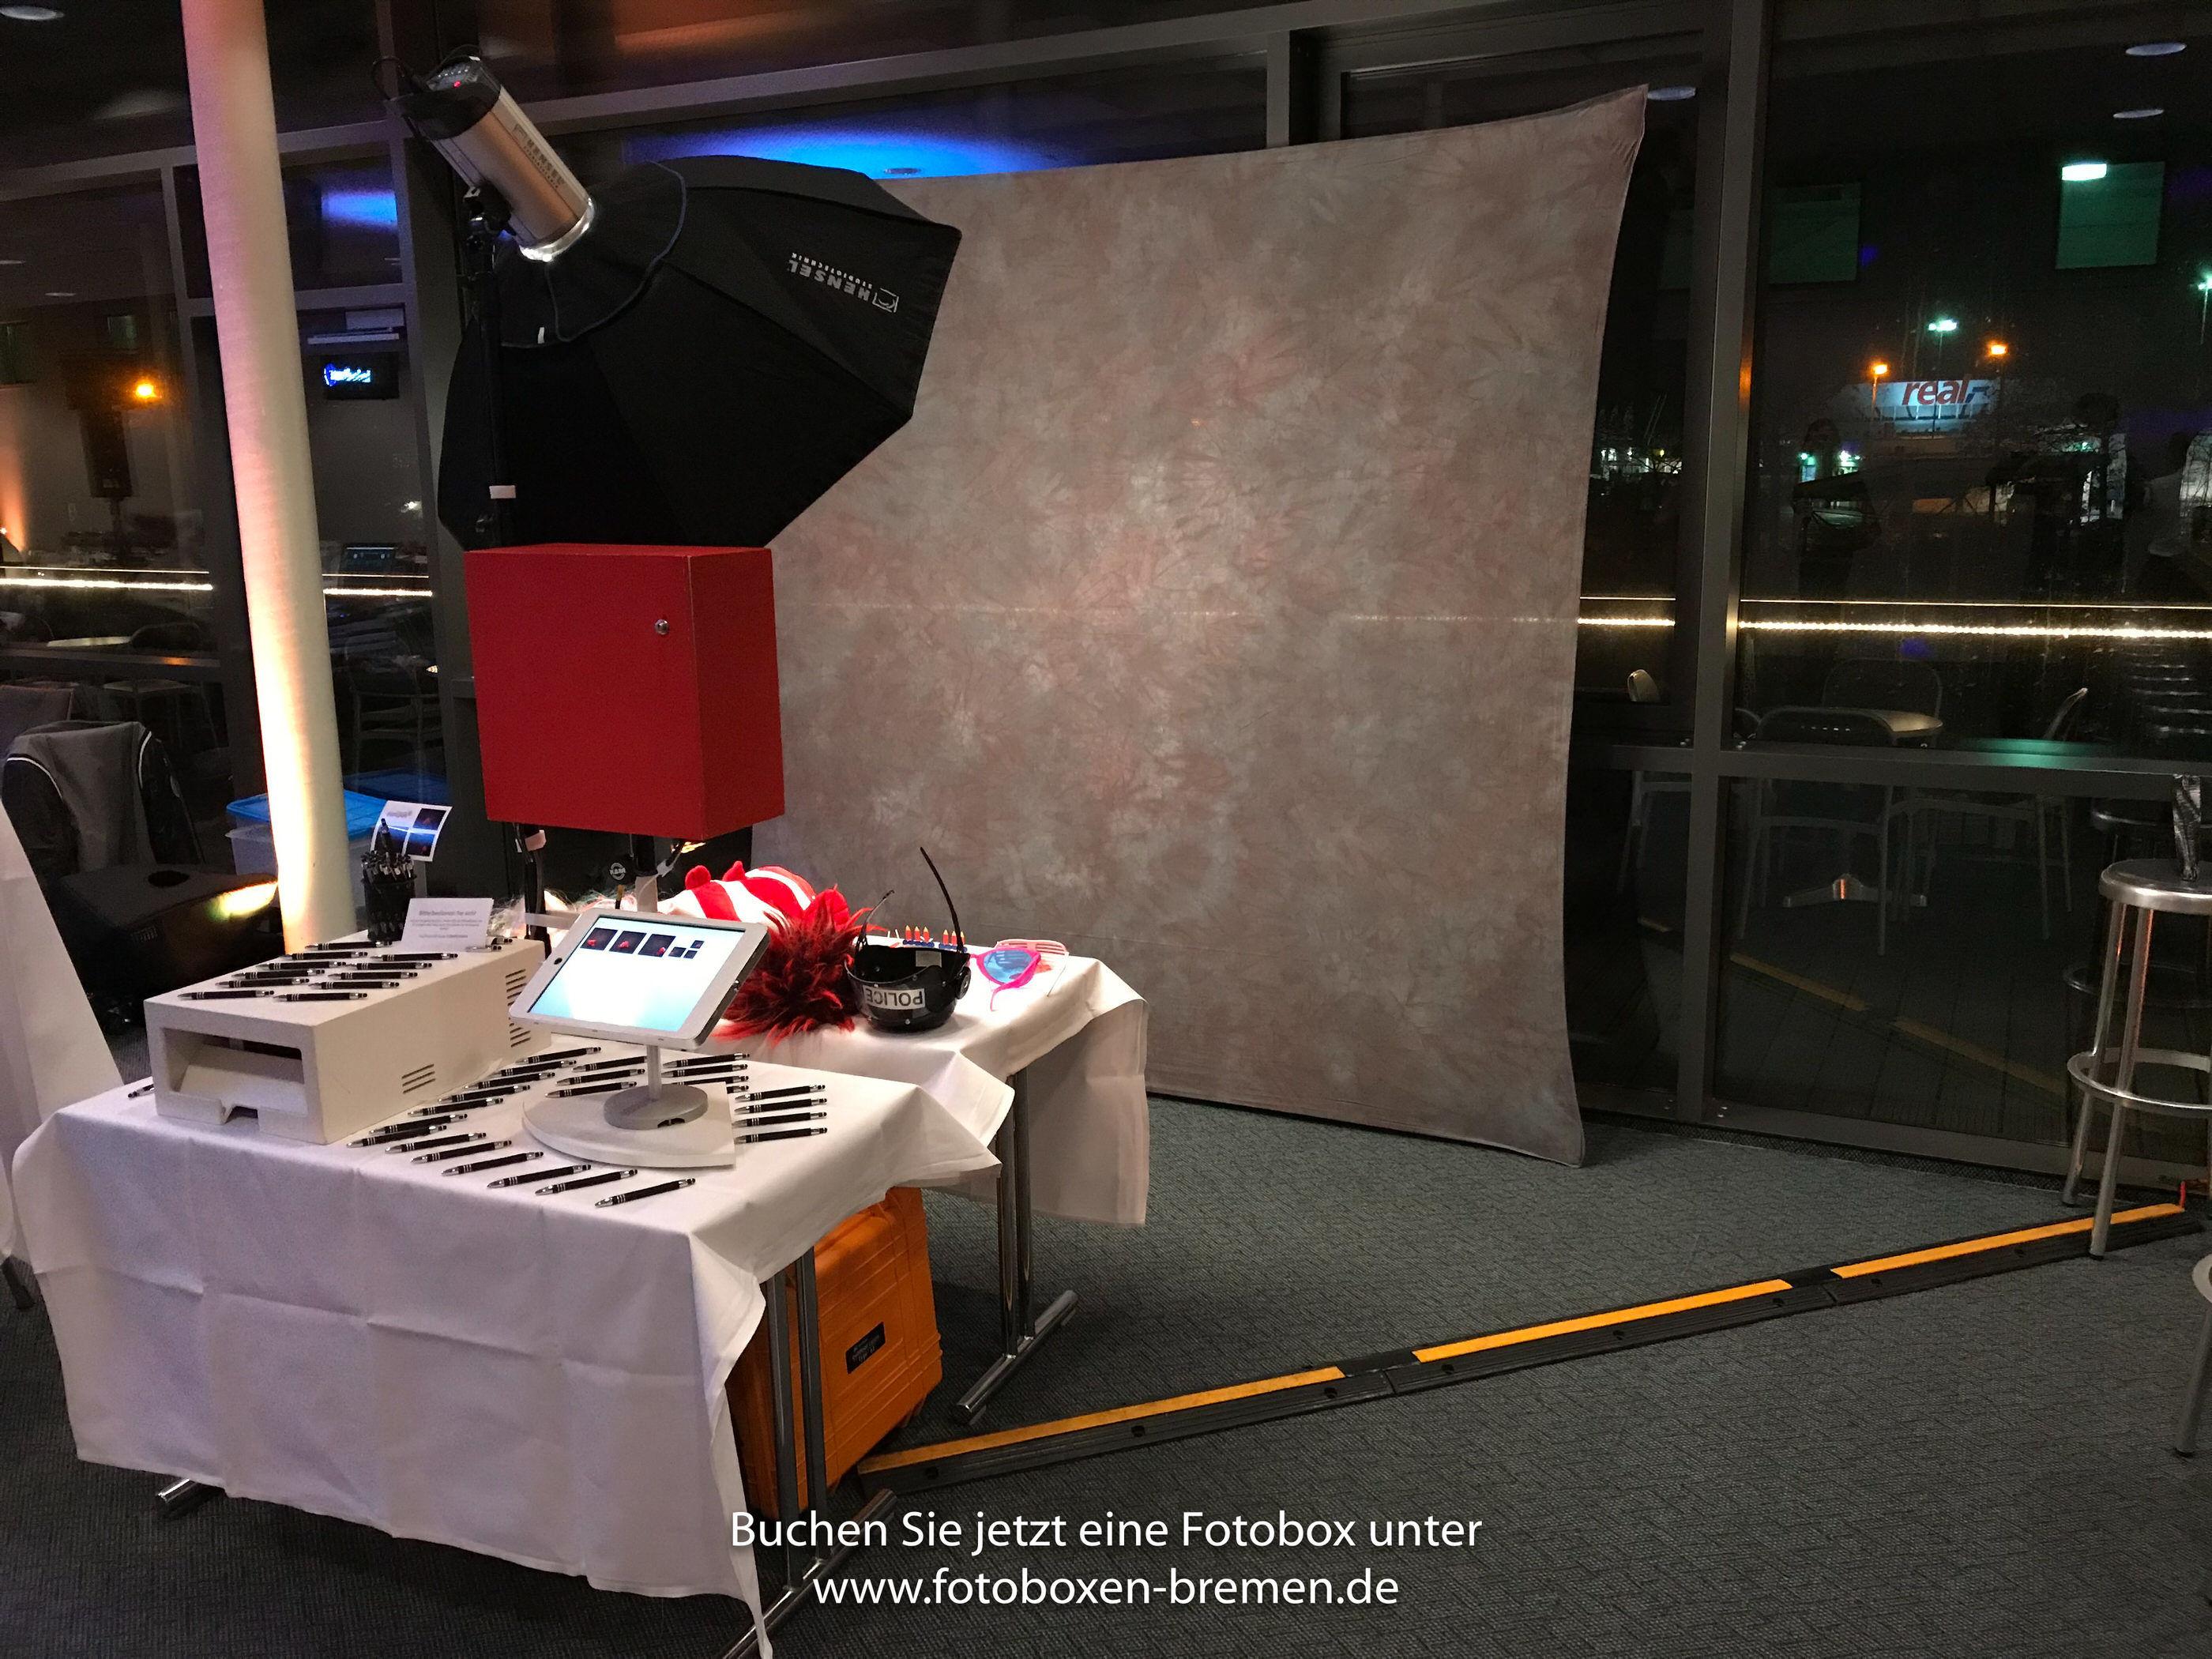 Fotobox-Bremen-Weihnachtsfeier-Atlantic_Hotel_Galopprennbahn